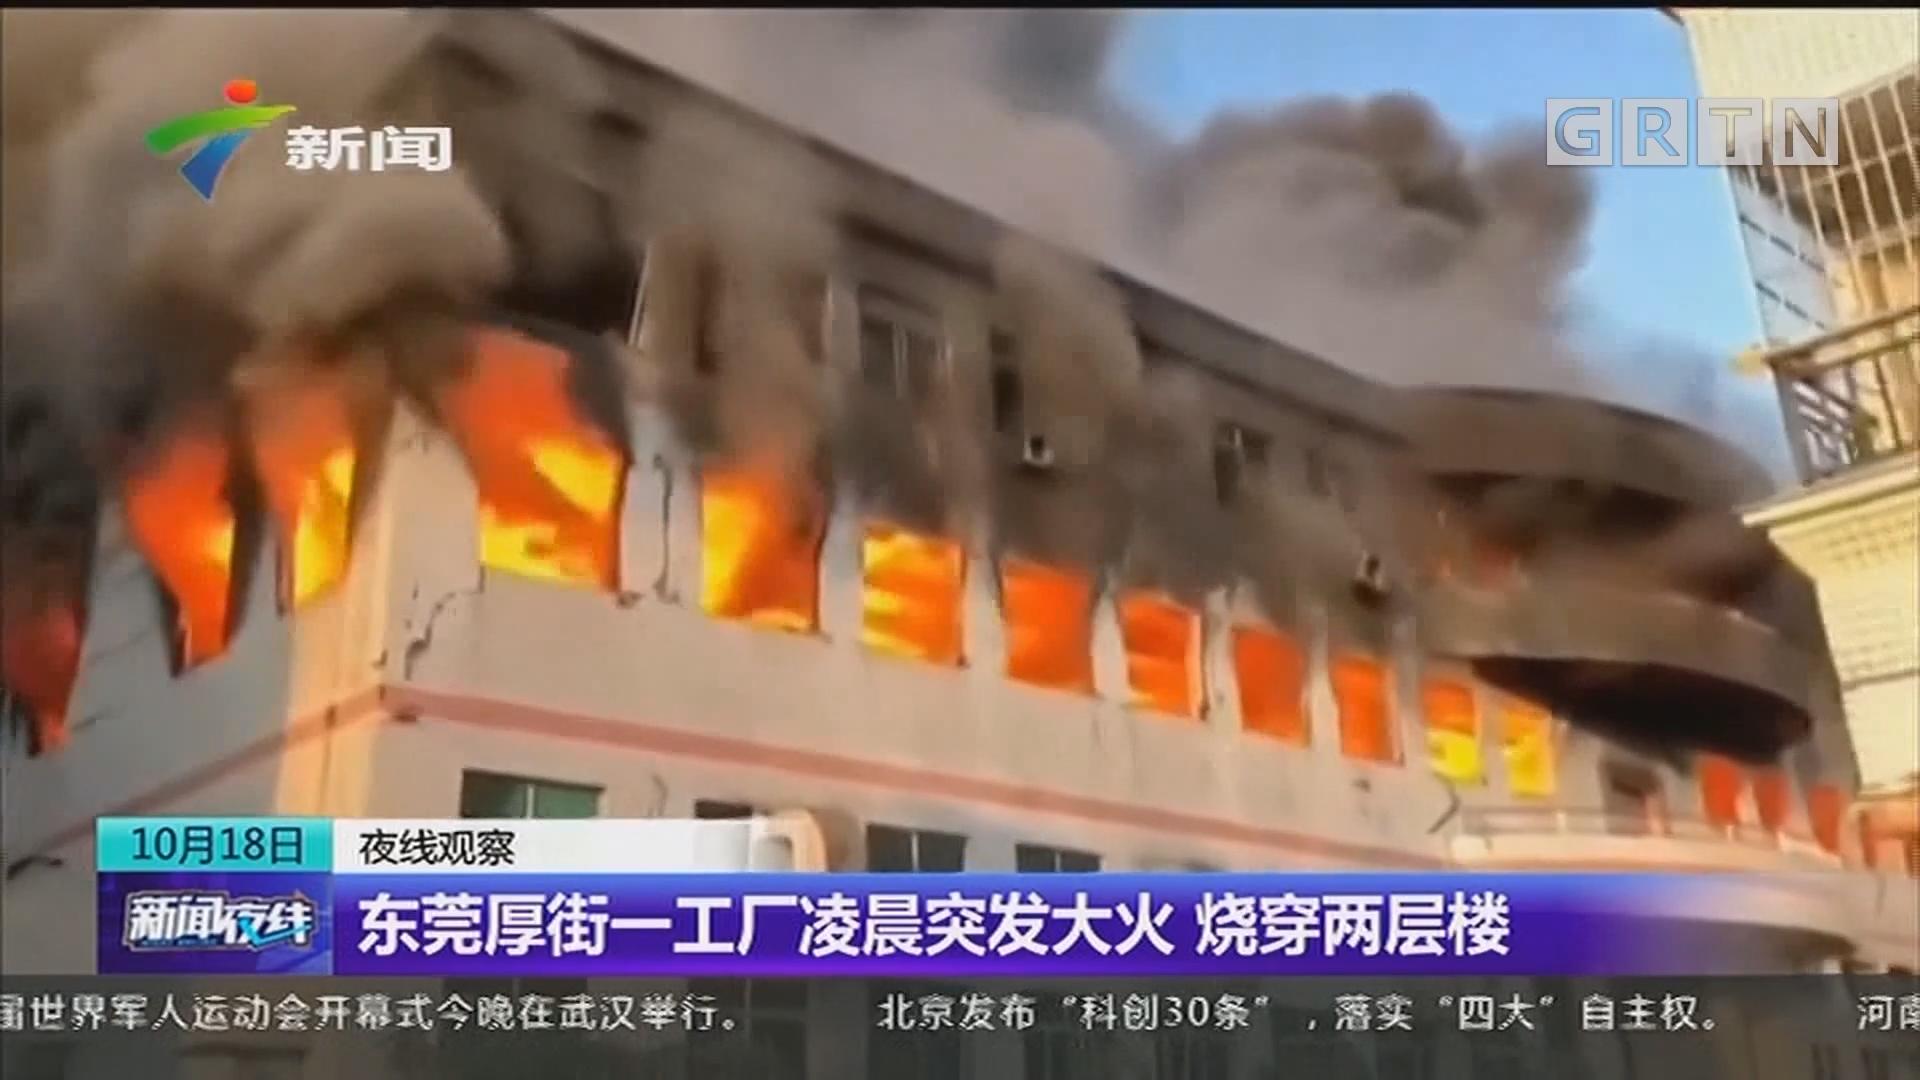 东莞厚街一工厂凌晨突发大火 烧穿两层楼